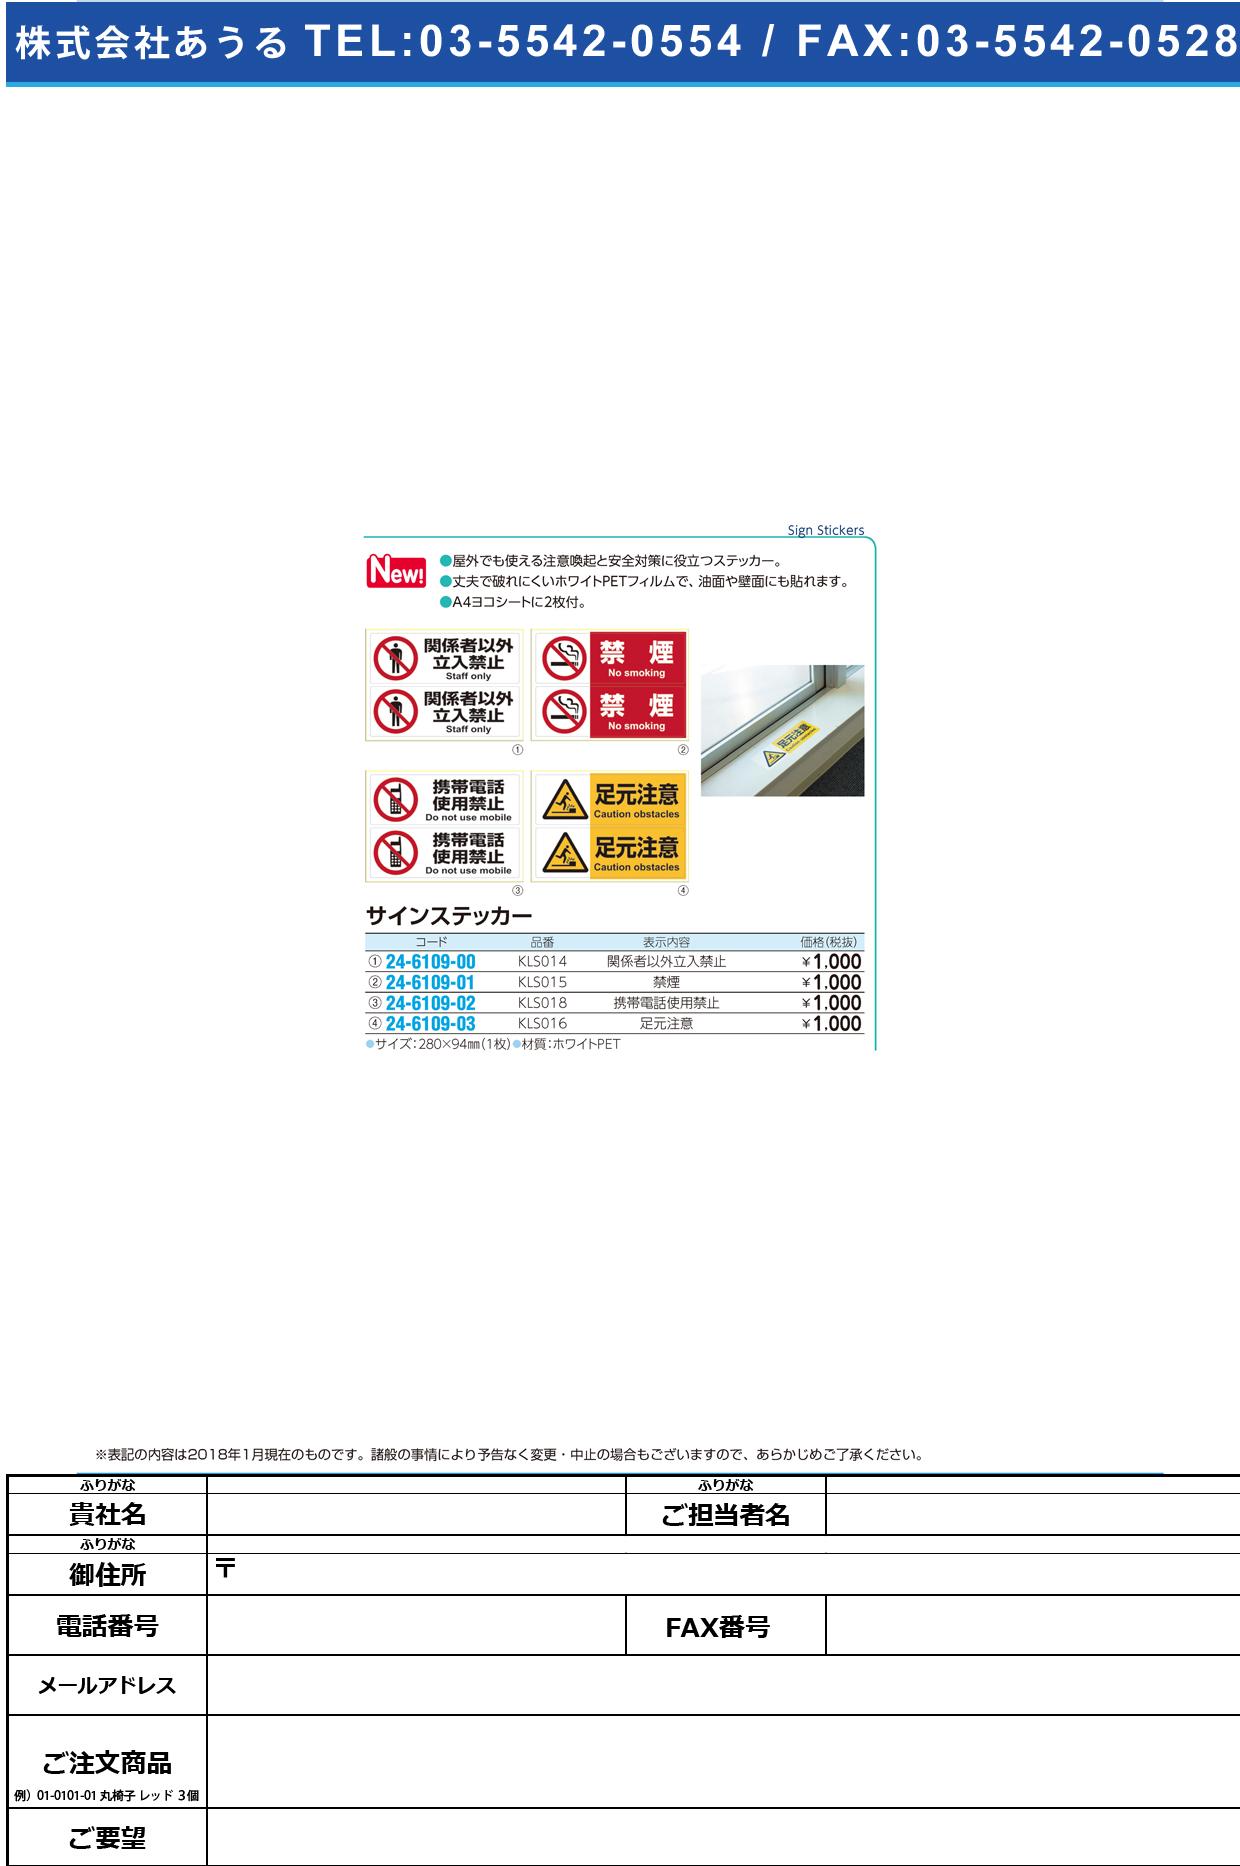 (24-6109-01)サインステッカー「禁煙」 KLS015(2メン) サインステッカー【1枚単位】【2018年カタログ商品】